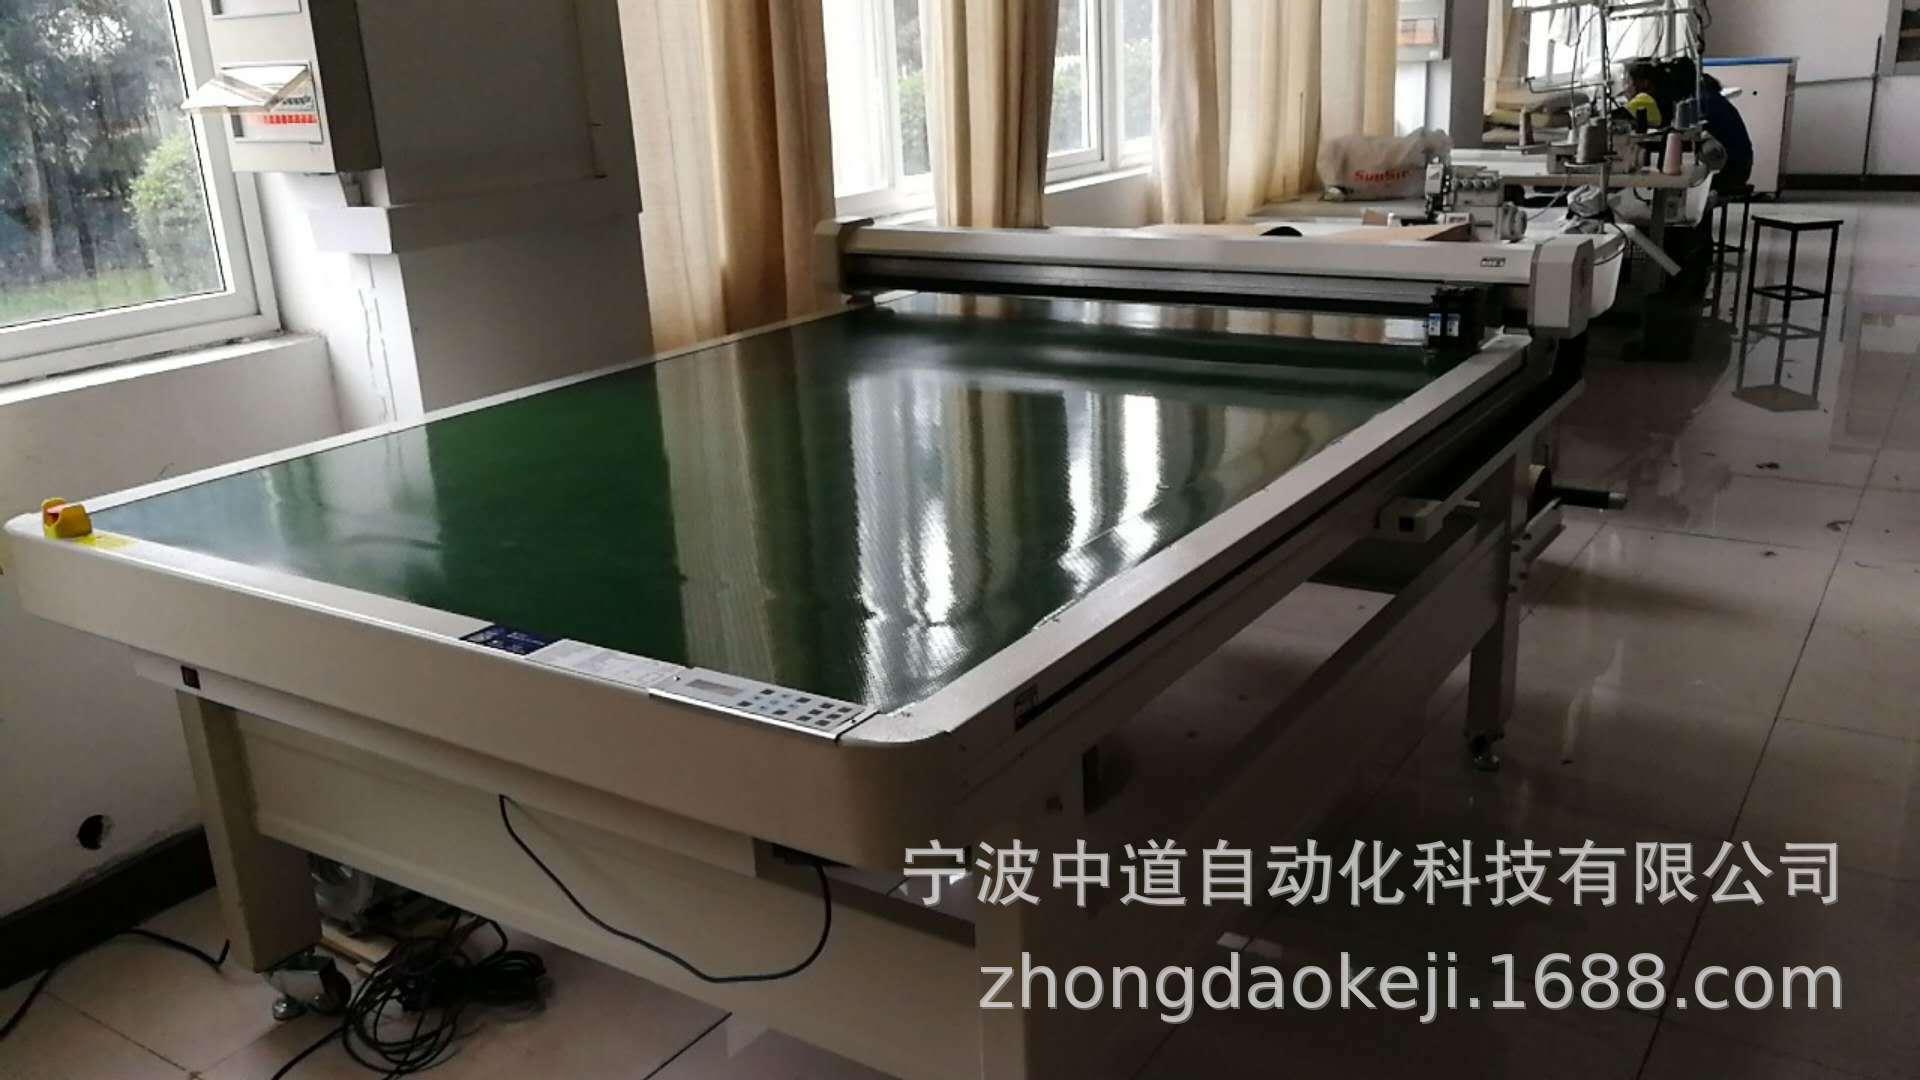 中道科技平板喷墨切割机平板喷墨切割机价格平板喷墨切割机设备